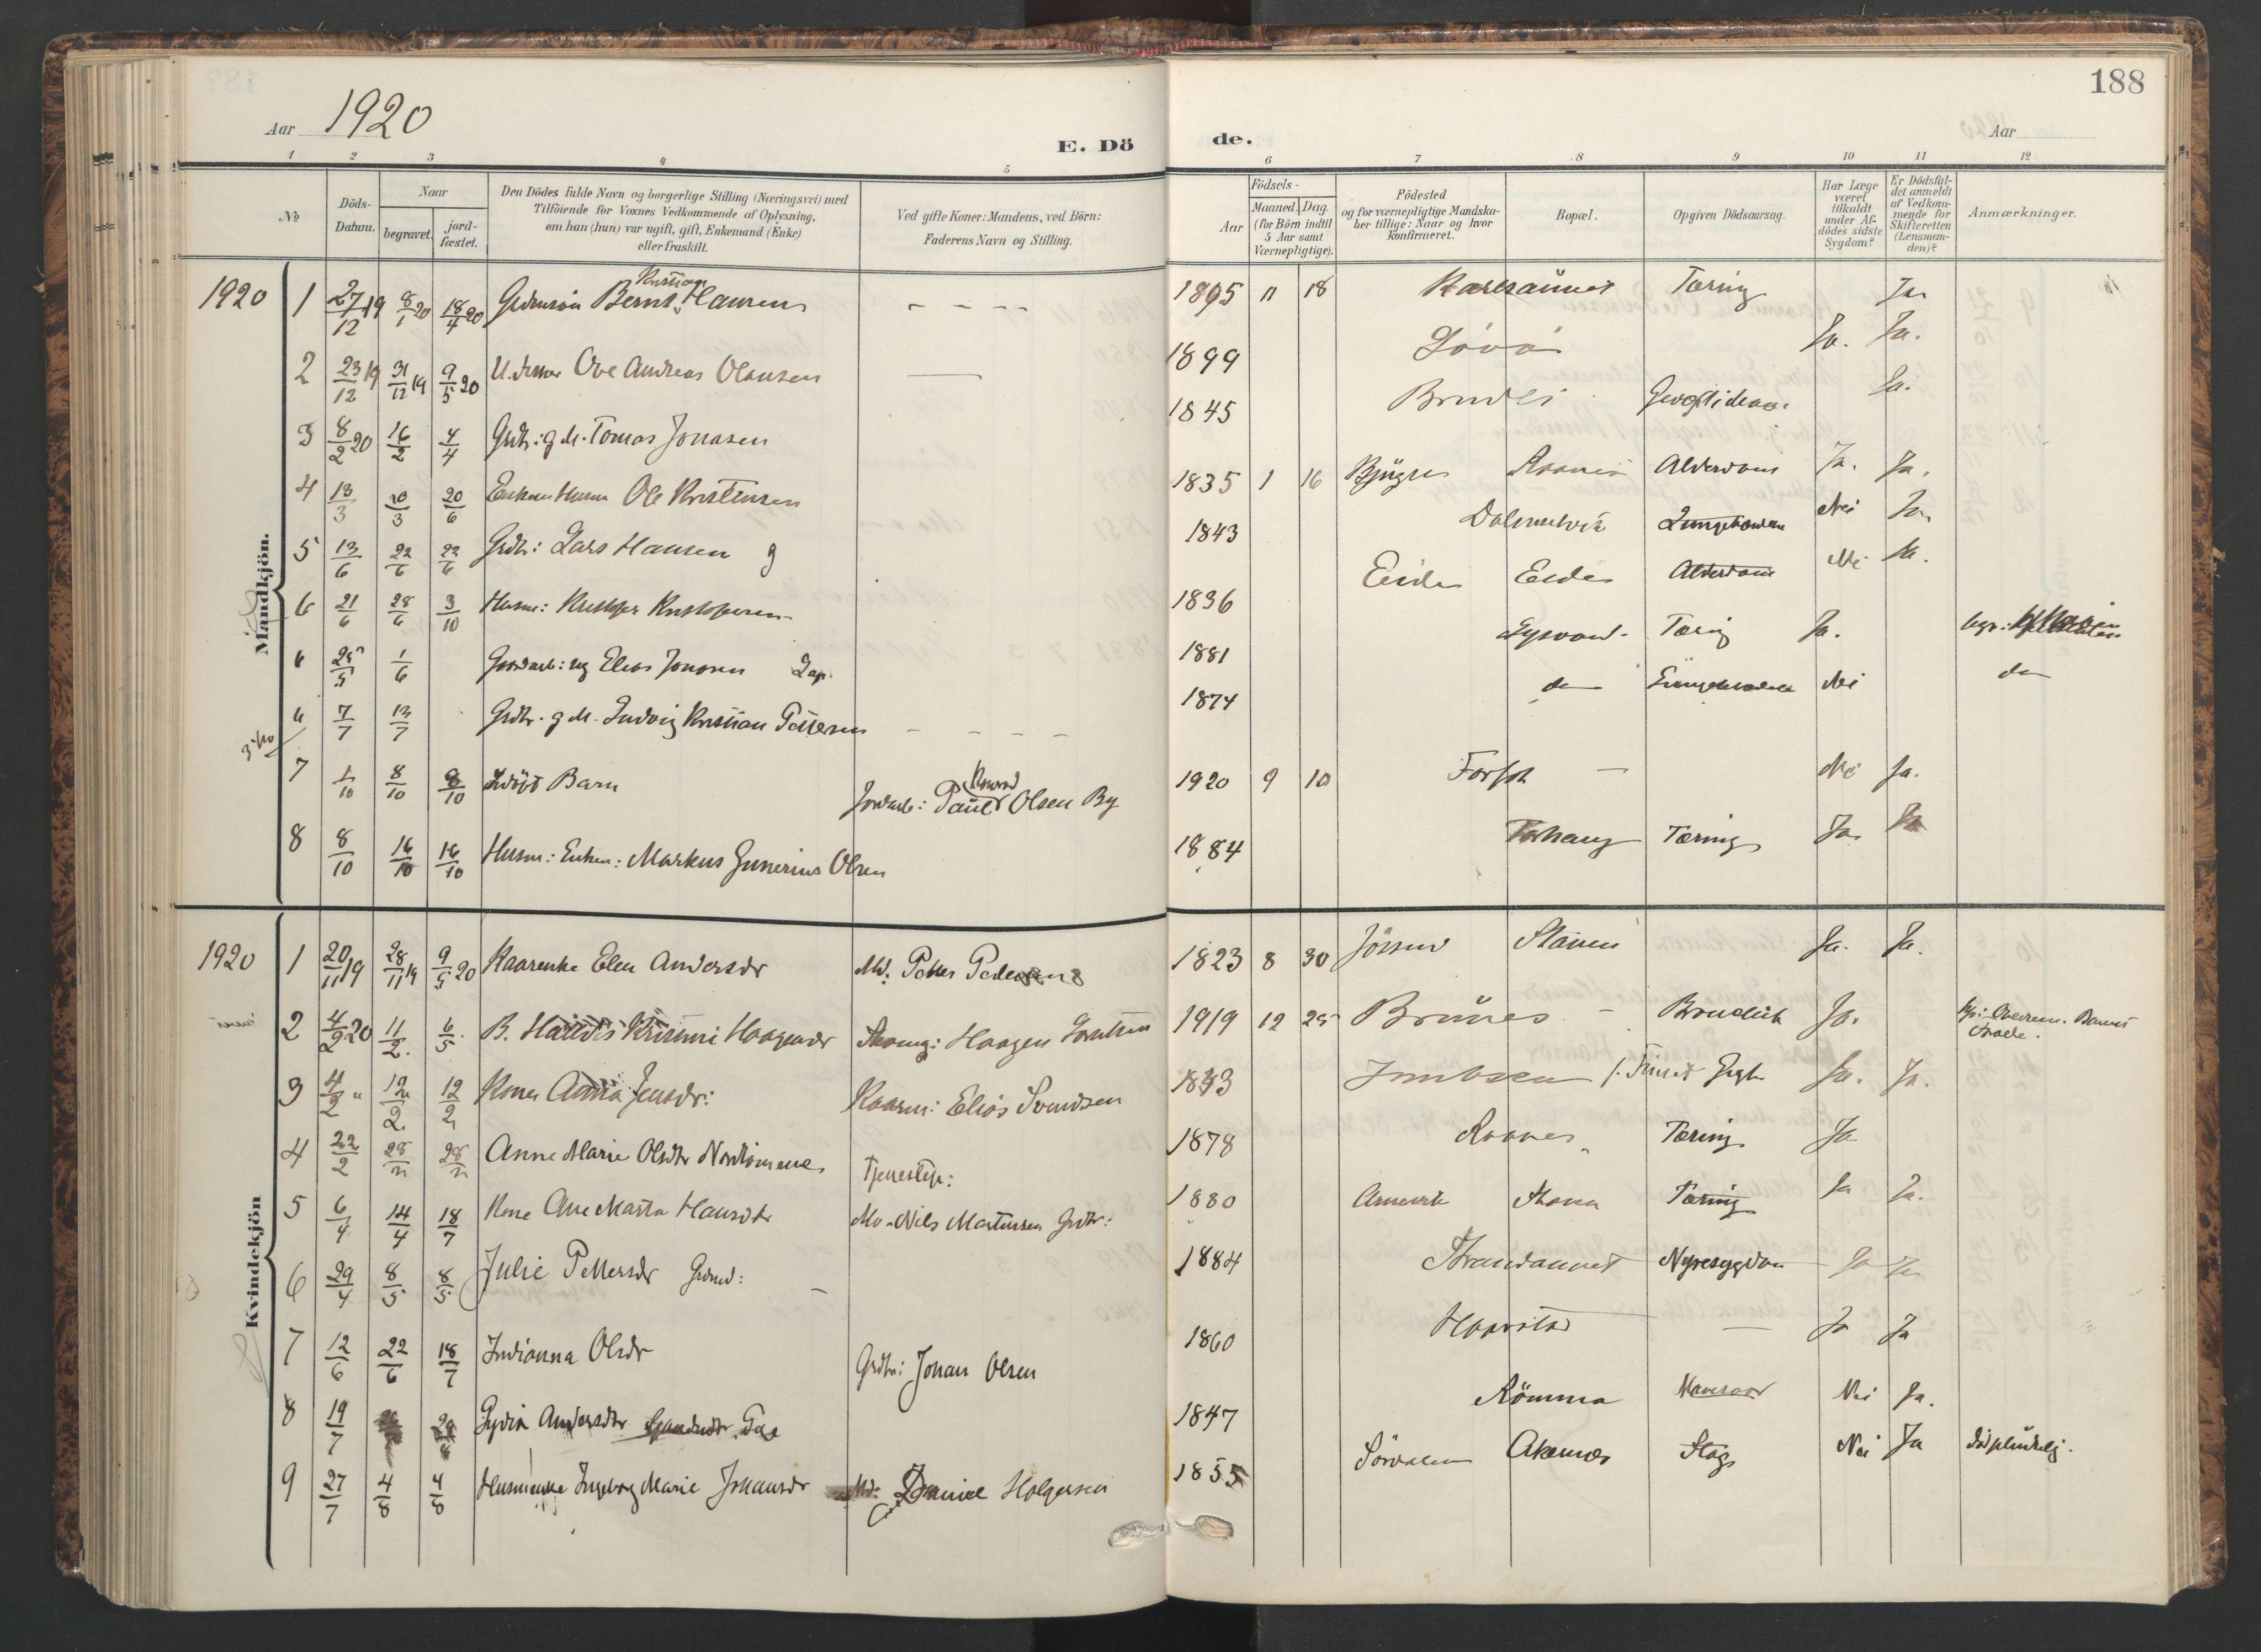 SAT, Ministerialprotokoller, klokkerbøker og fødselsregistre - Sør-Trøndelag, 655/L0682: Ministerialbok nr. 655A11, 1908-1922, s. 188